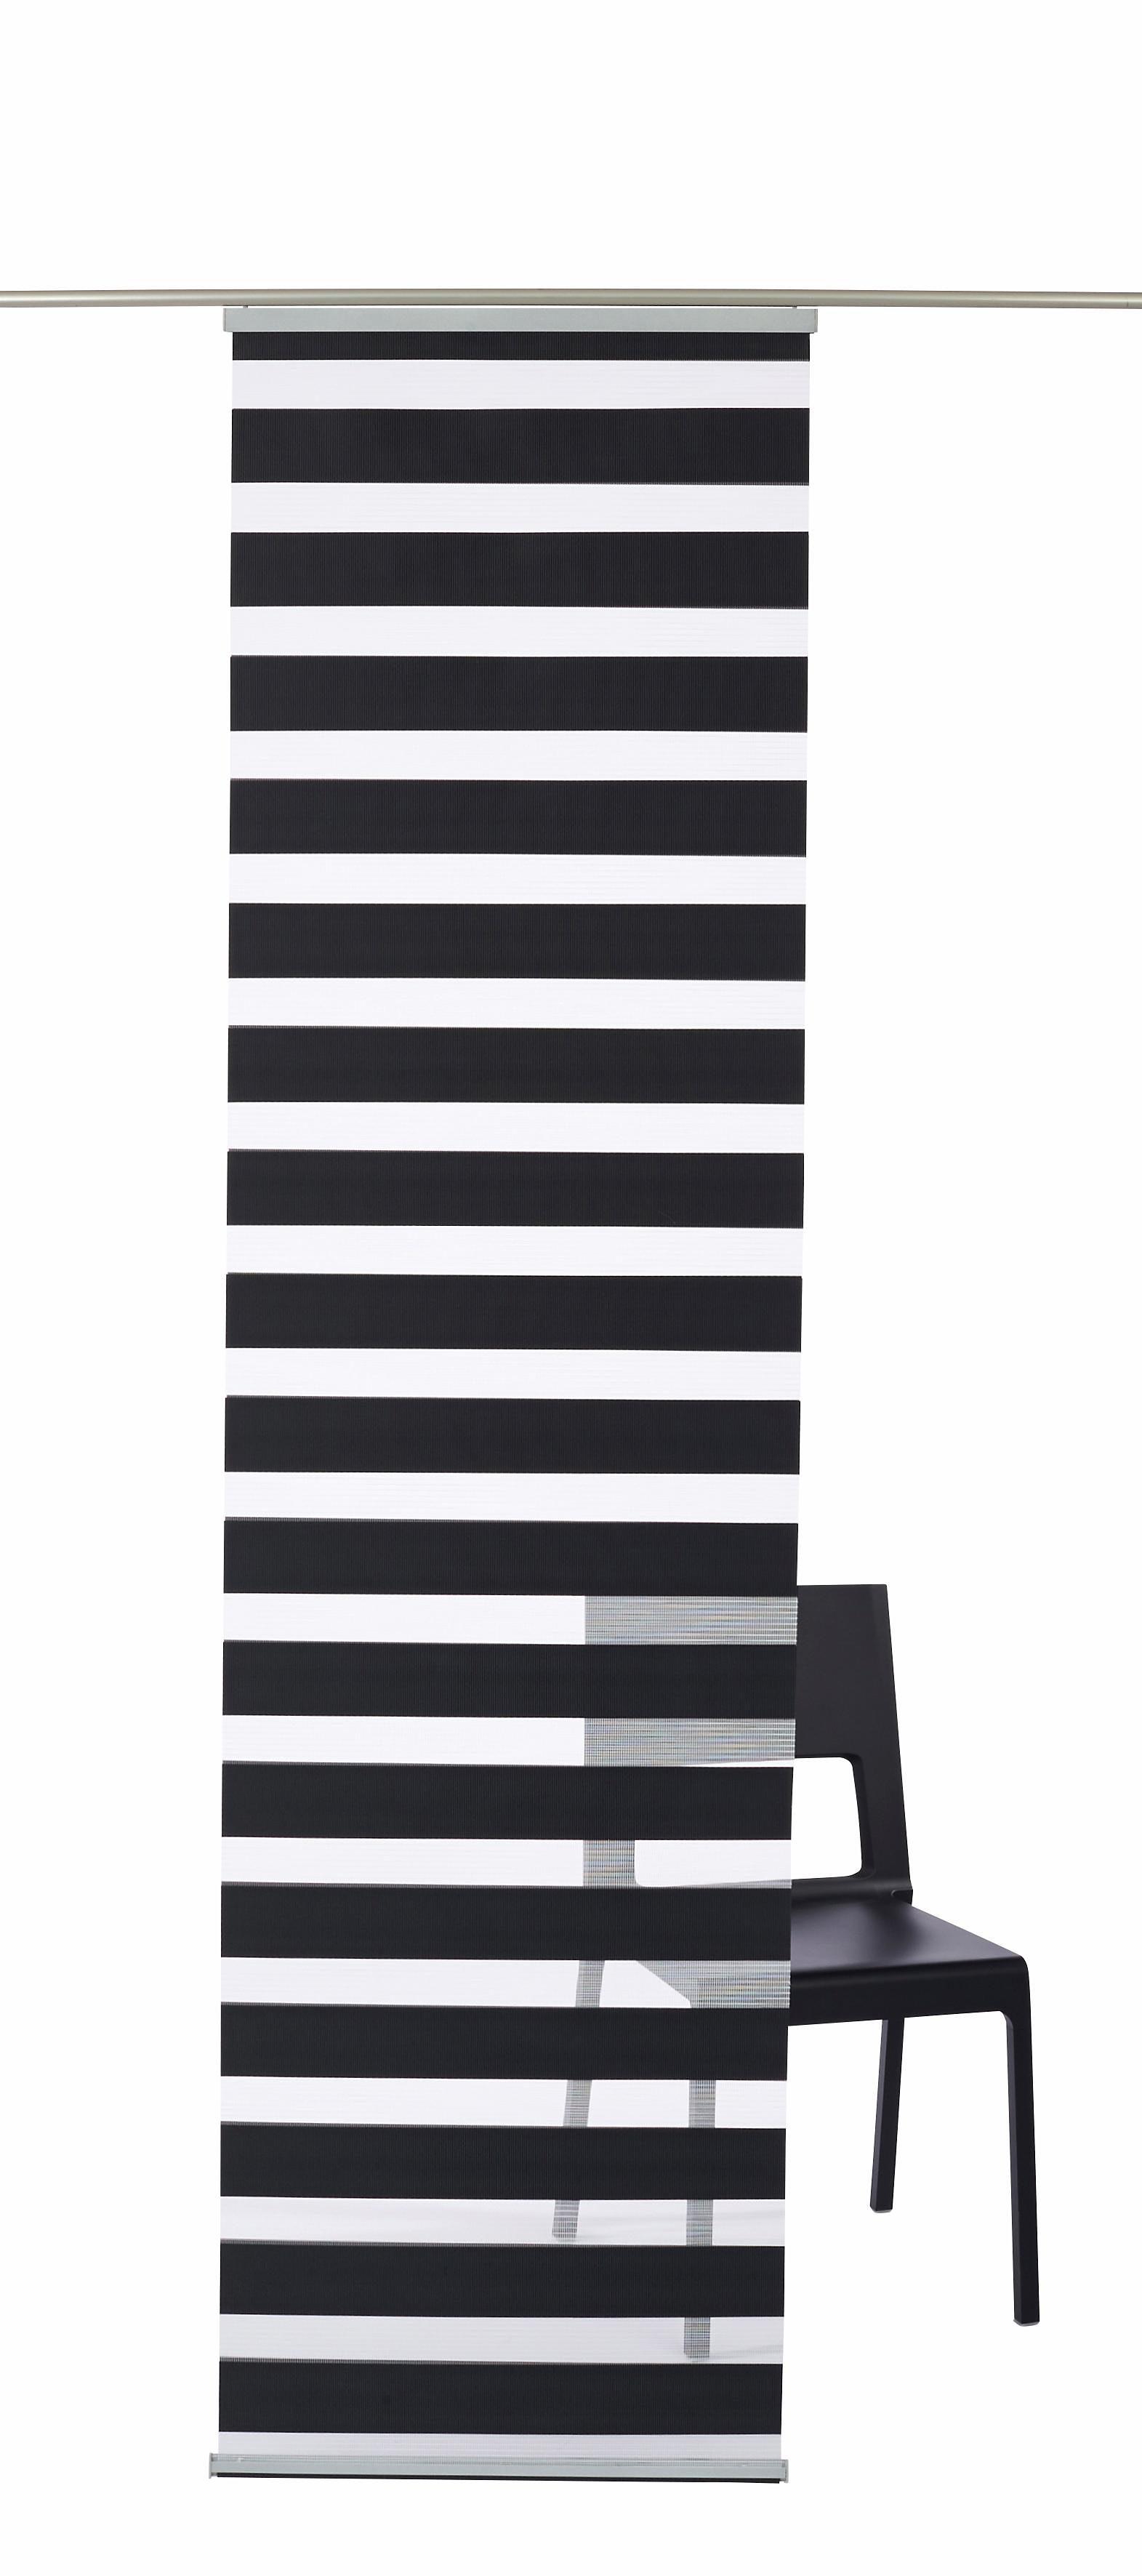 Fantastisch Schiebegardinen & Schiebevorhänge online kaufen | OTTO PM01